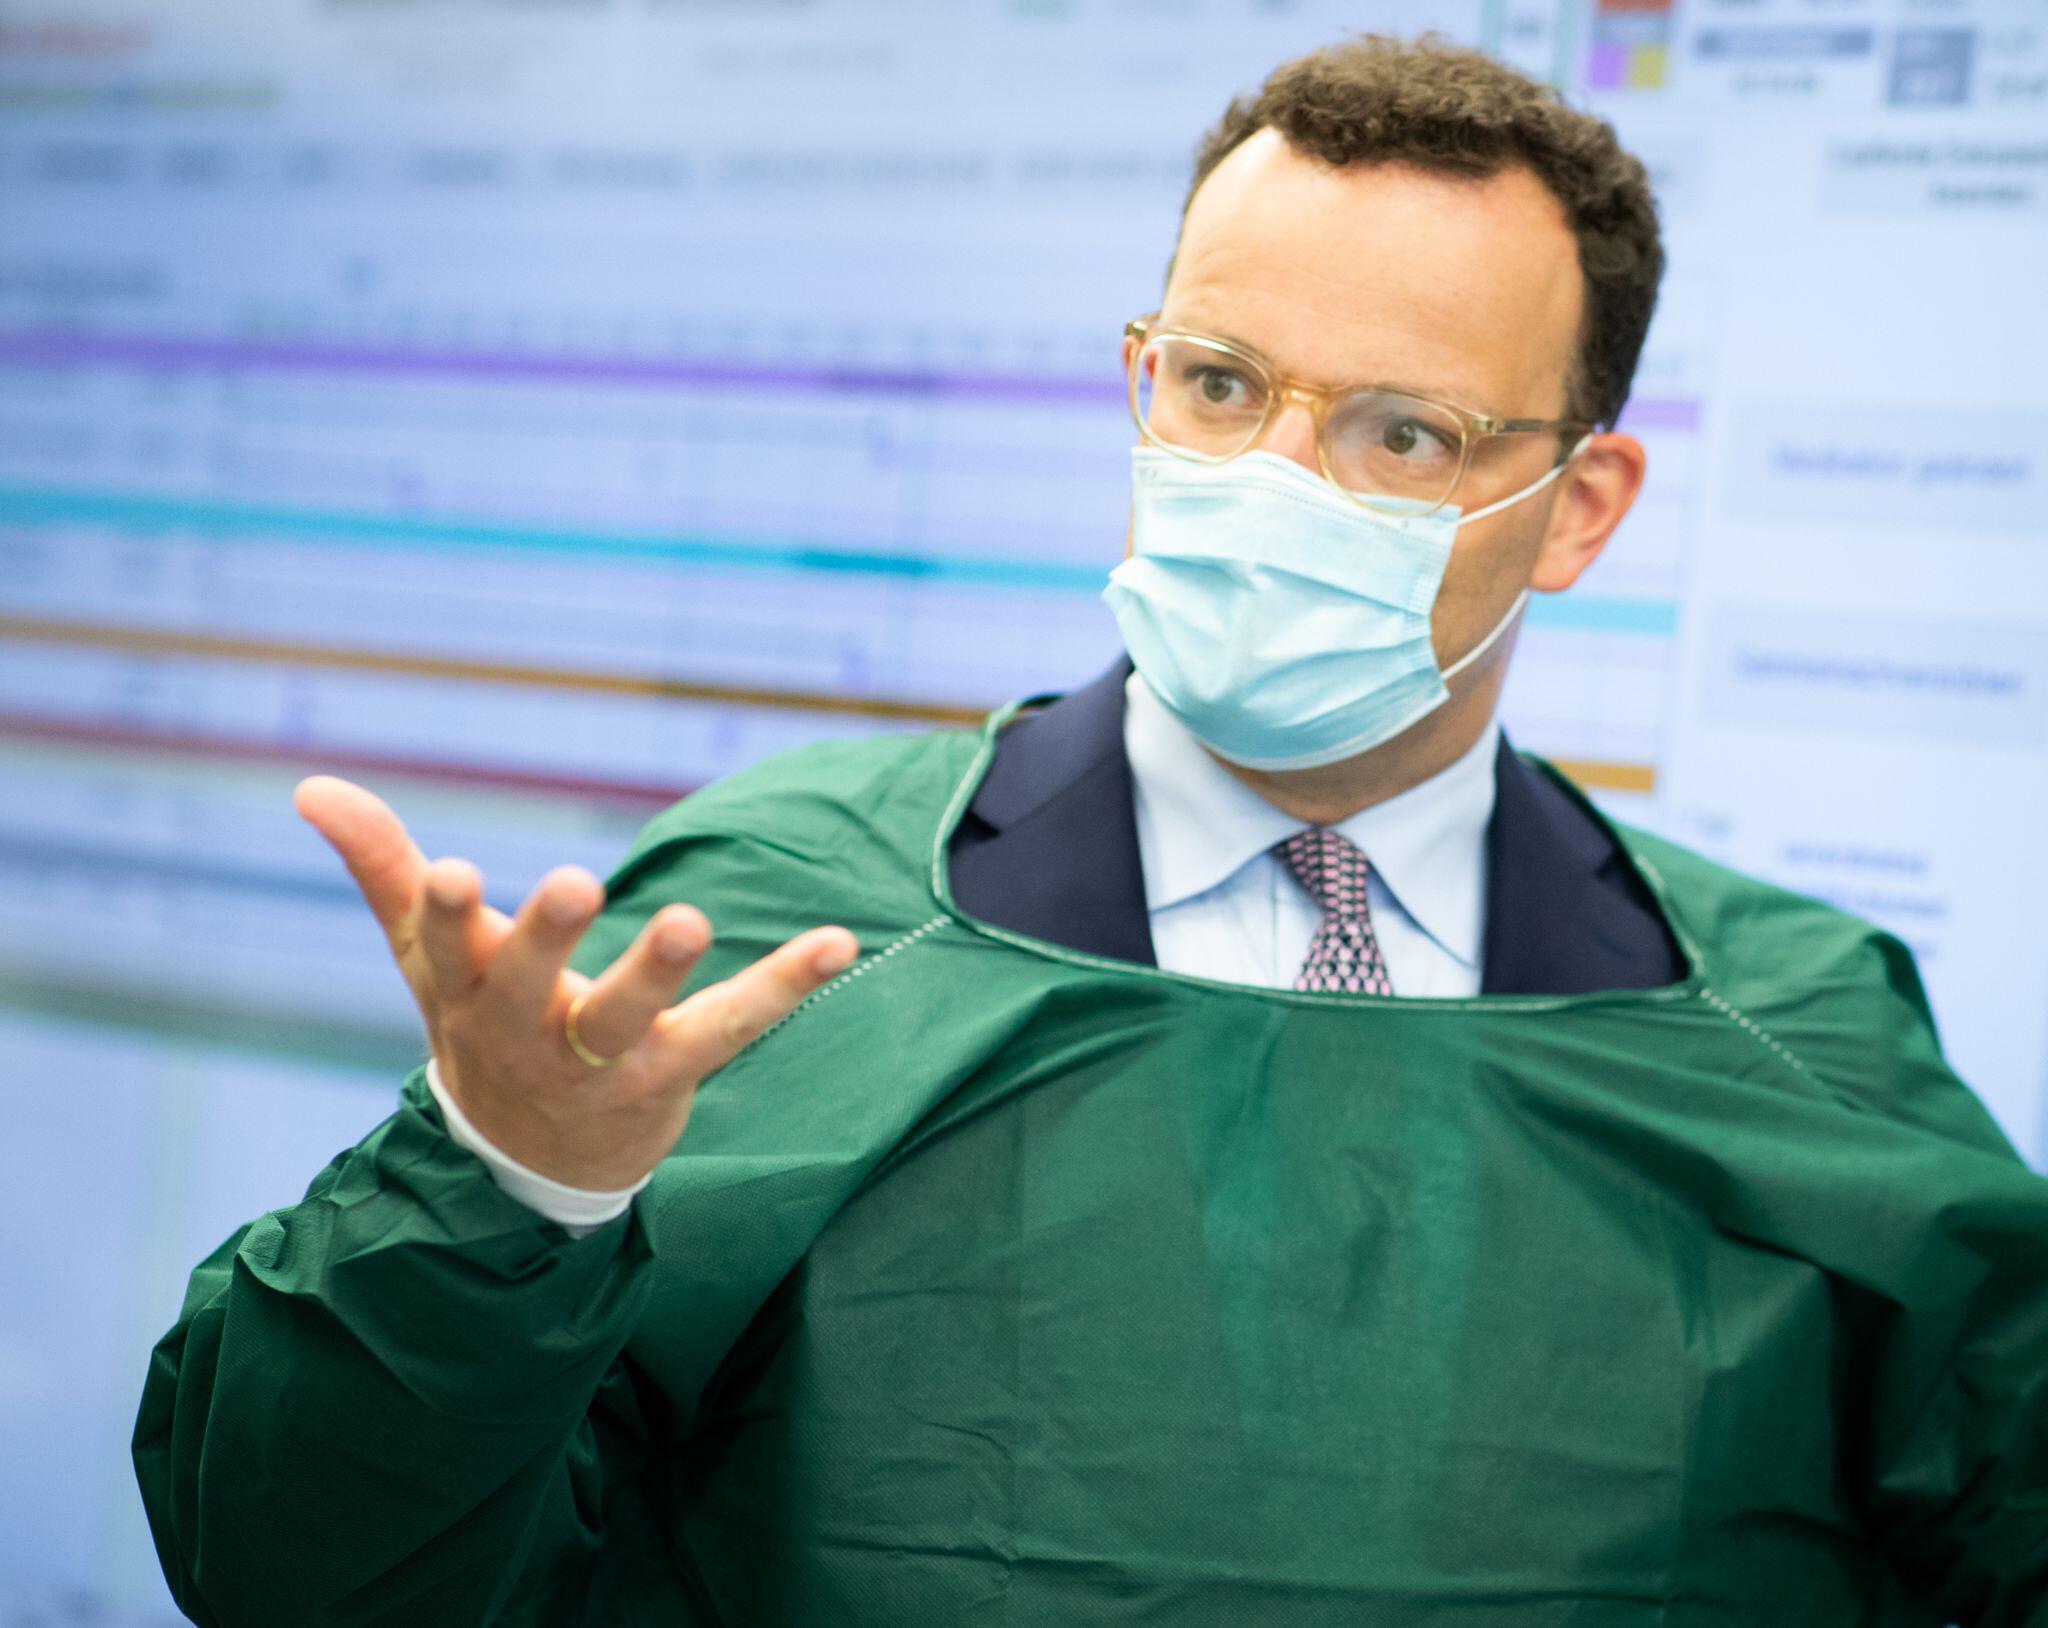 Bild zu Bundesgesundheitsminister Spahn besucht UKSH in Kiel